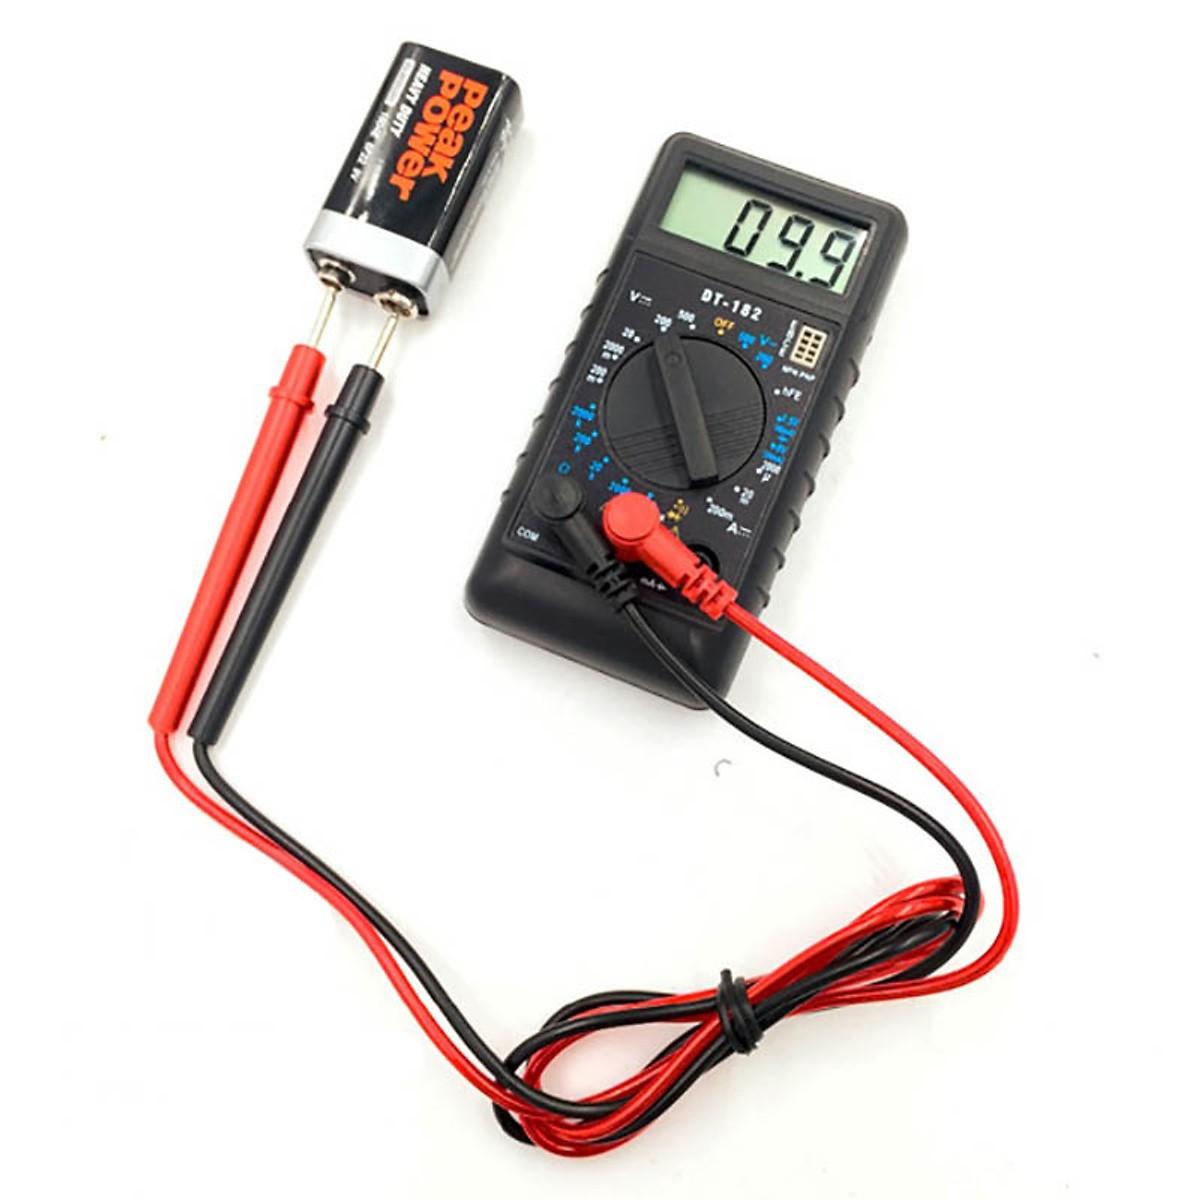 Đồng hồ Canino DT182 đo điện vạn năng mini